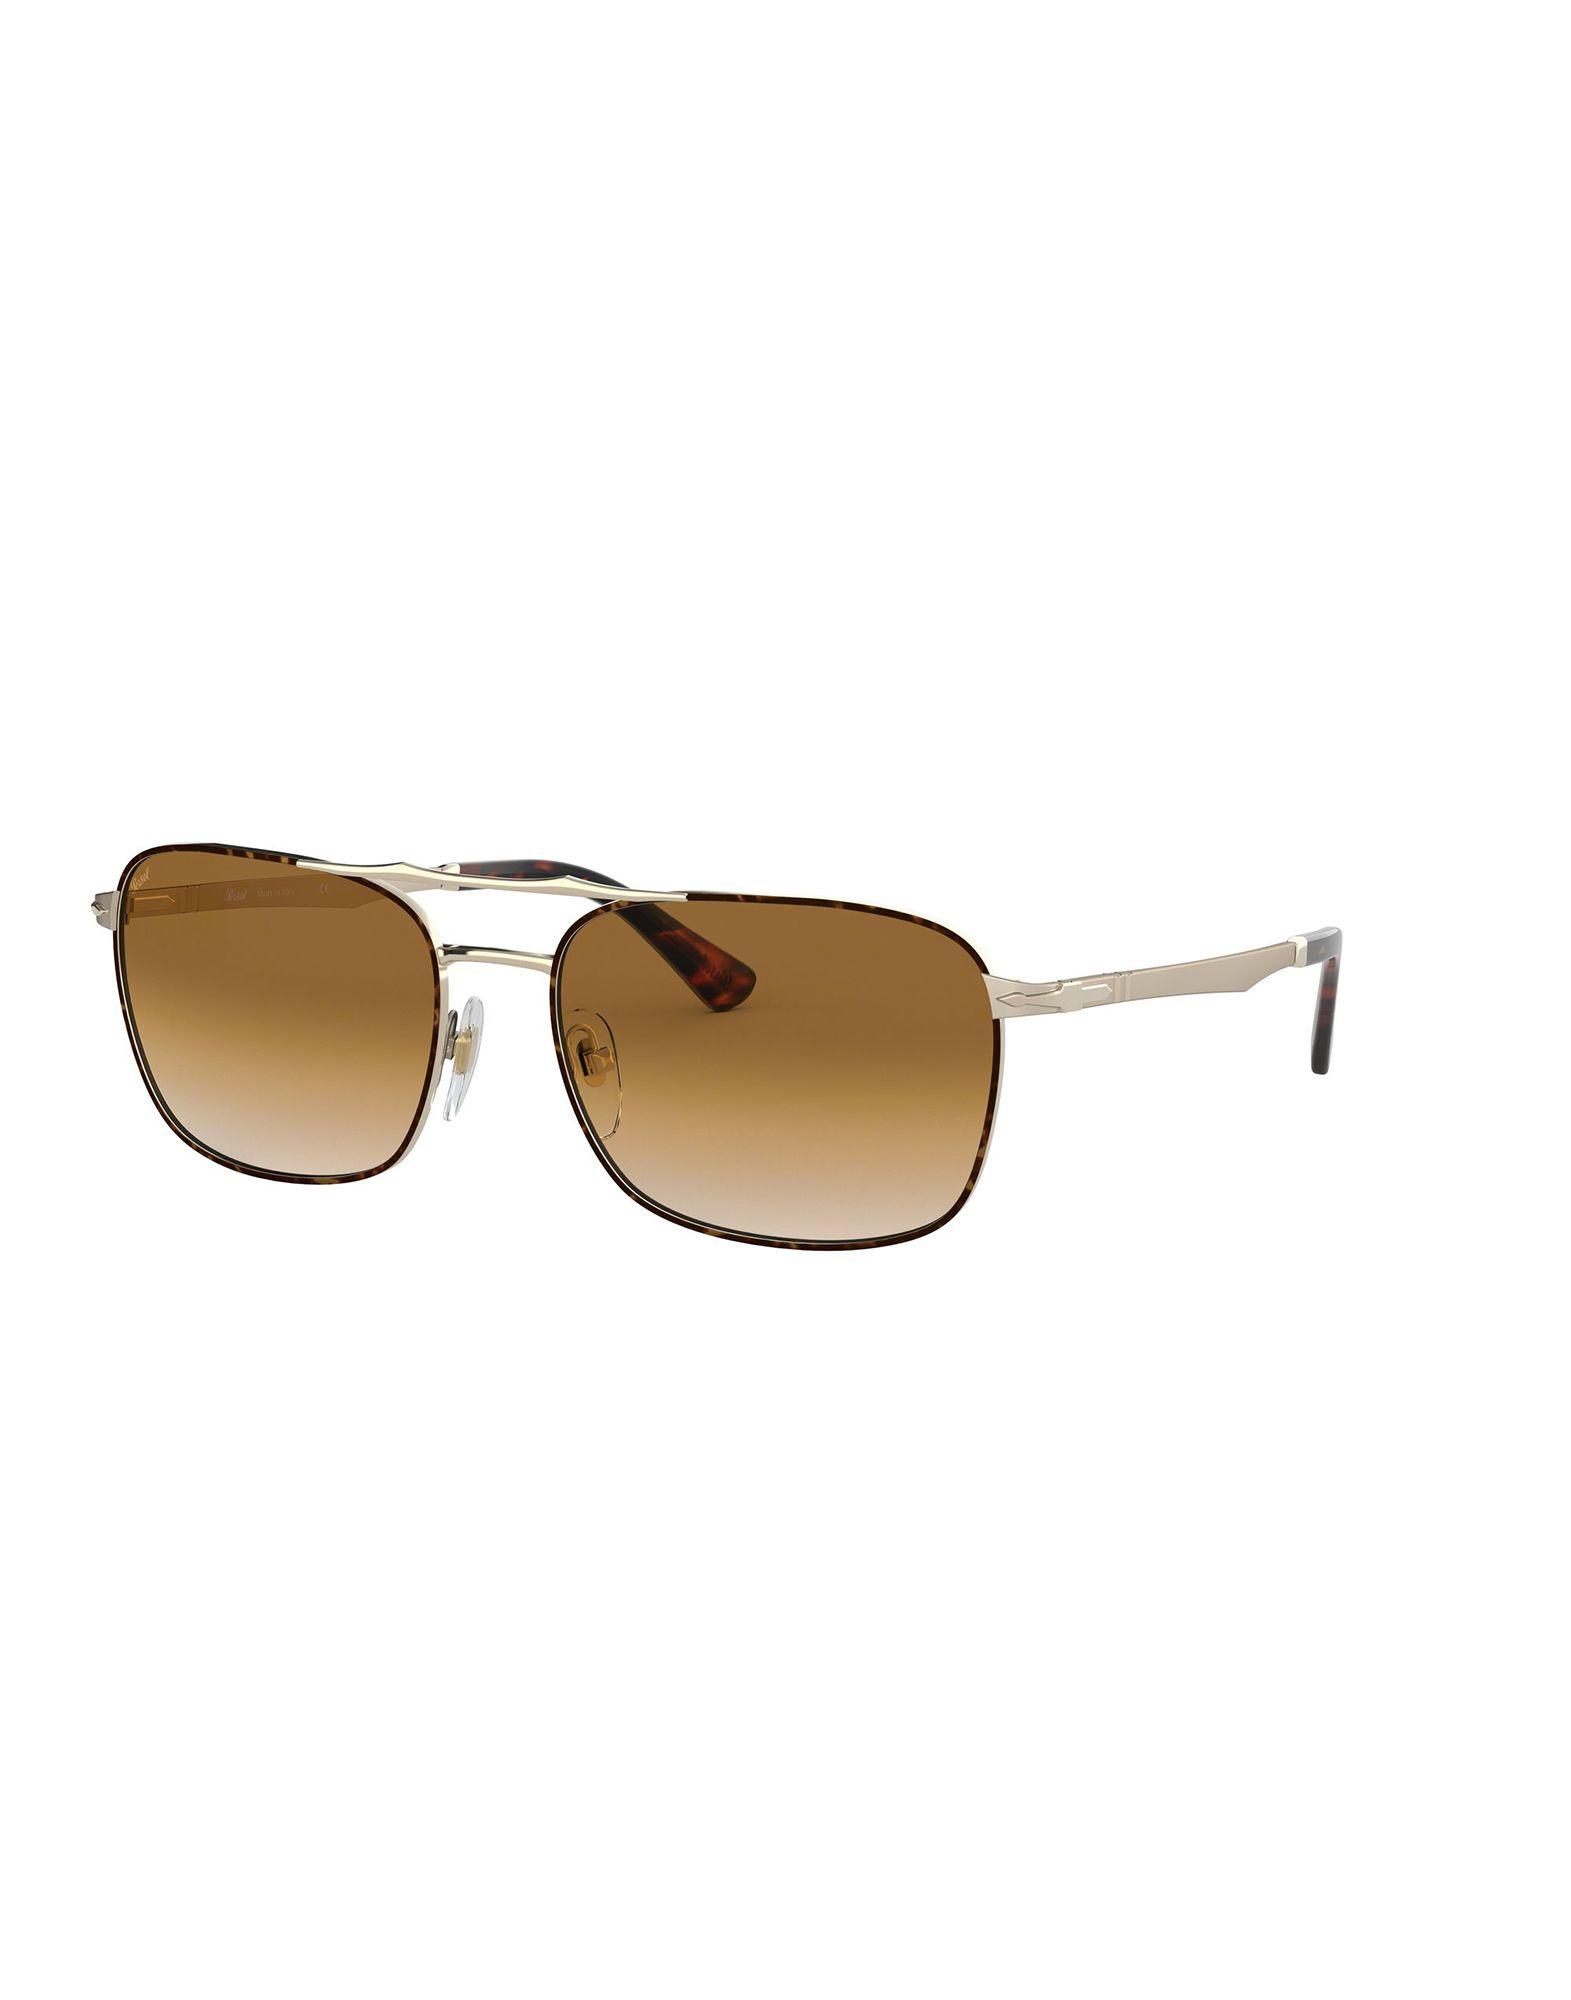 PERSOL Солнечные очки persol po2880vm eyeglasses 24 havana 56mm